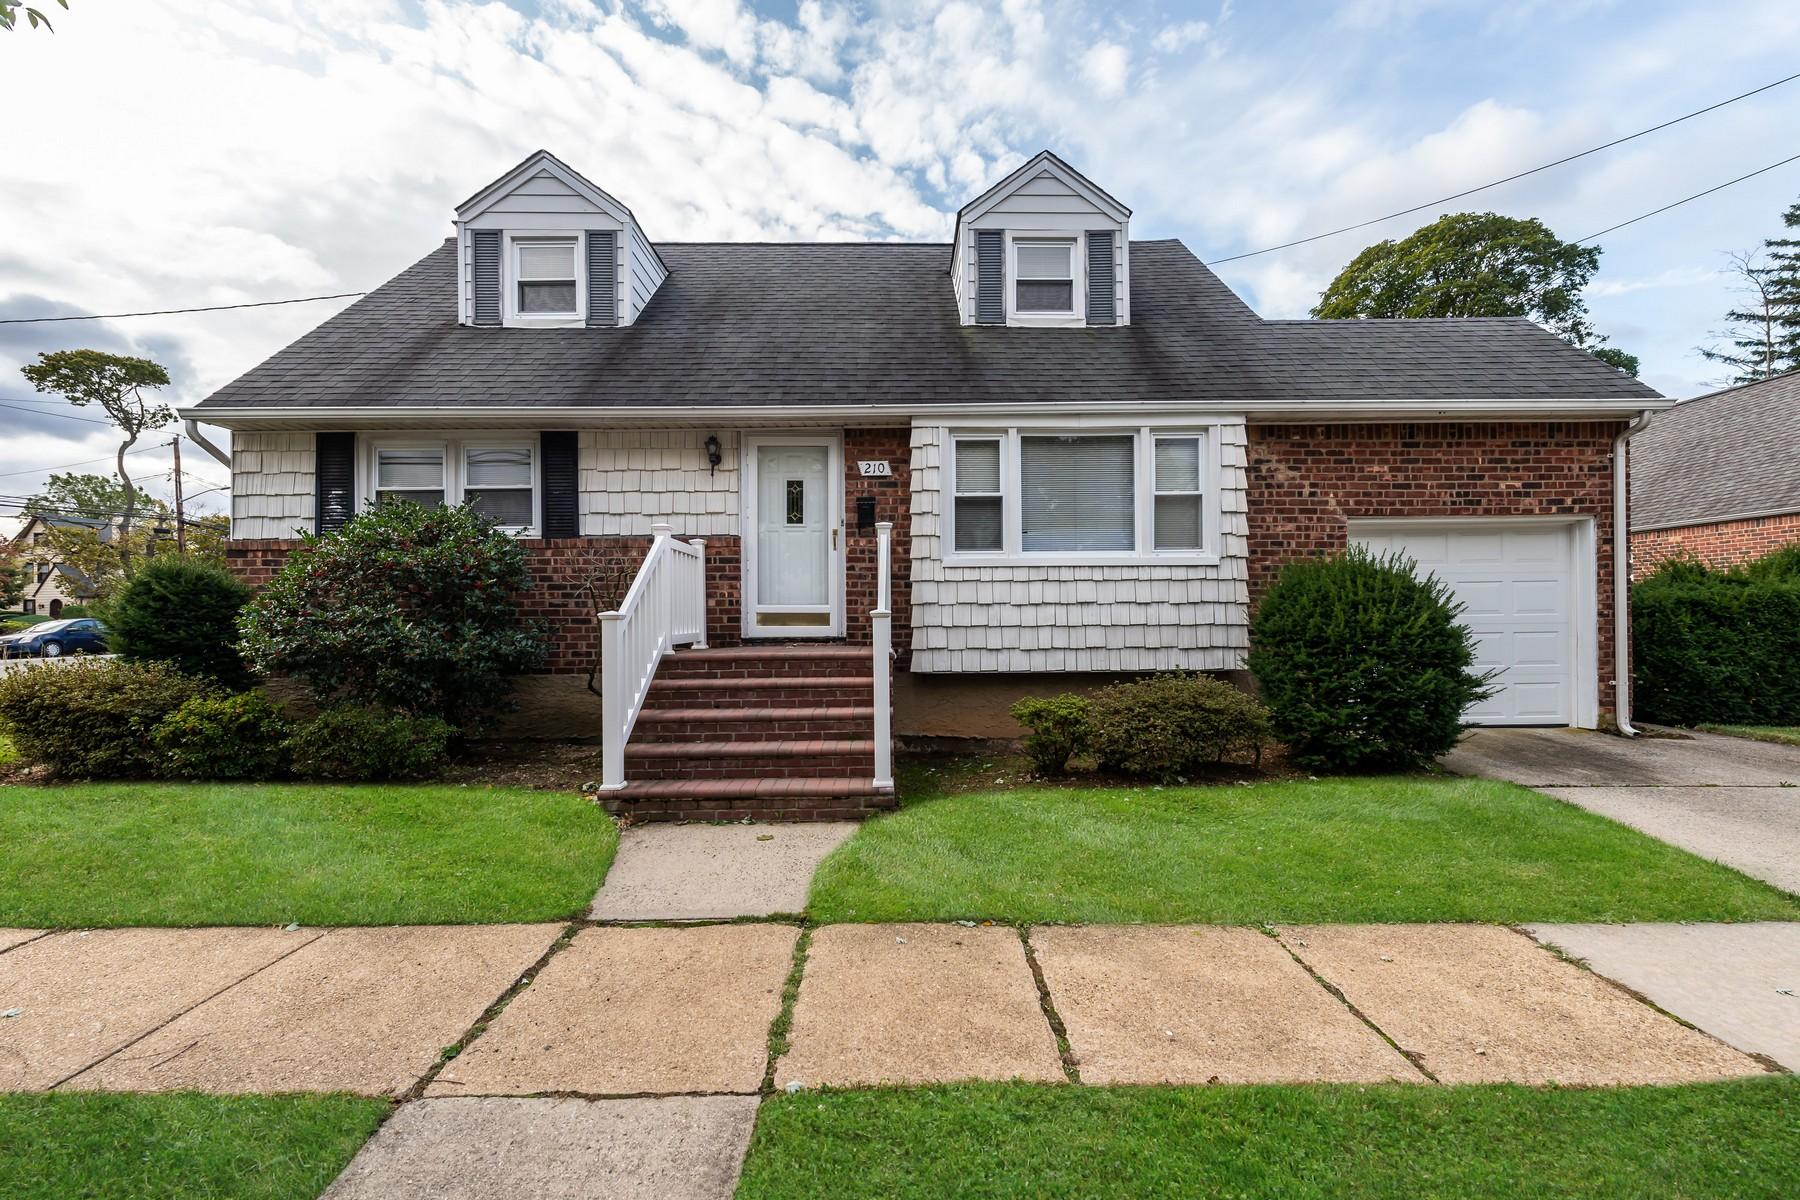 Single Family Homes für Verkauf beim W. Hempstead 210 William St, West Hempstead, New York 11552 Vereinigte Staaten